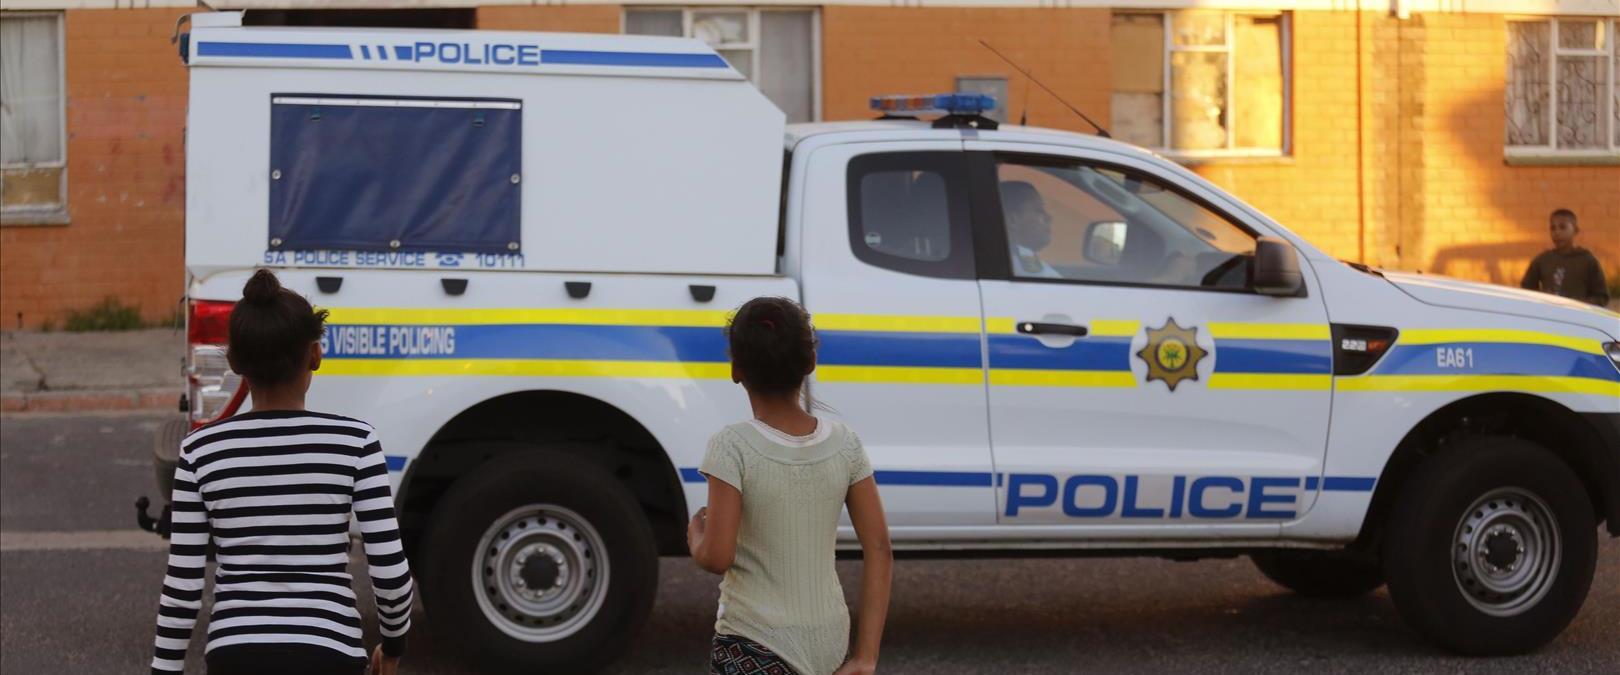 משטרת דרום אפריקה